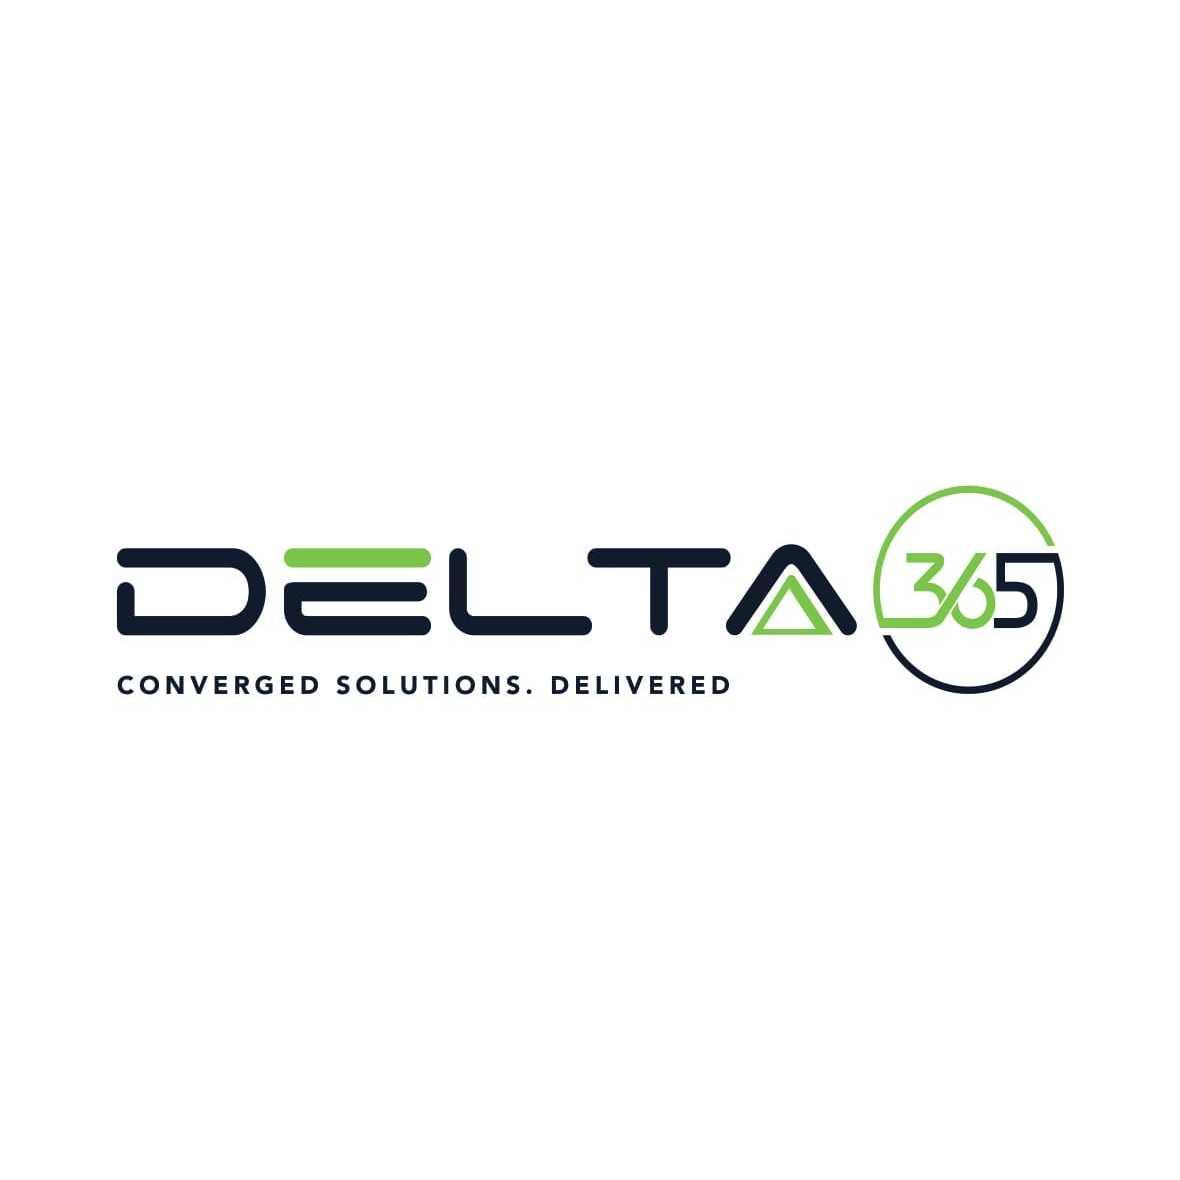 Delta 365 Ltd - Chertsey, Surrey KT16 0RS - 08081 691365 | ShowMeLocal.com